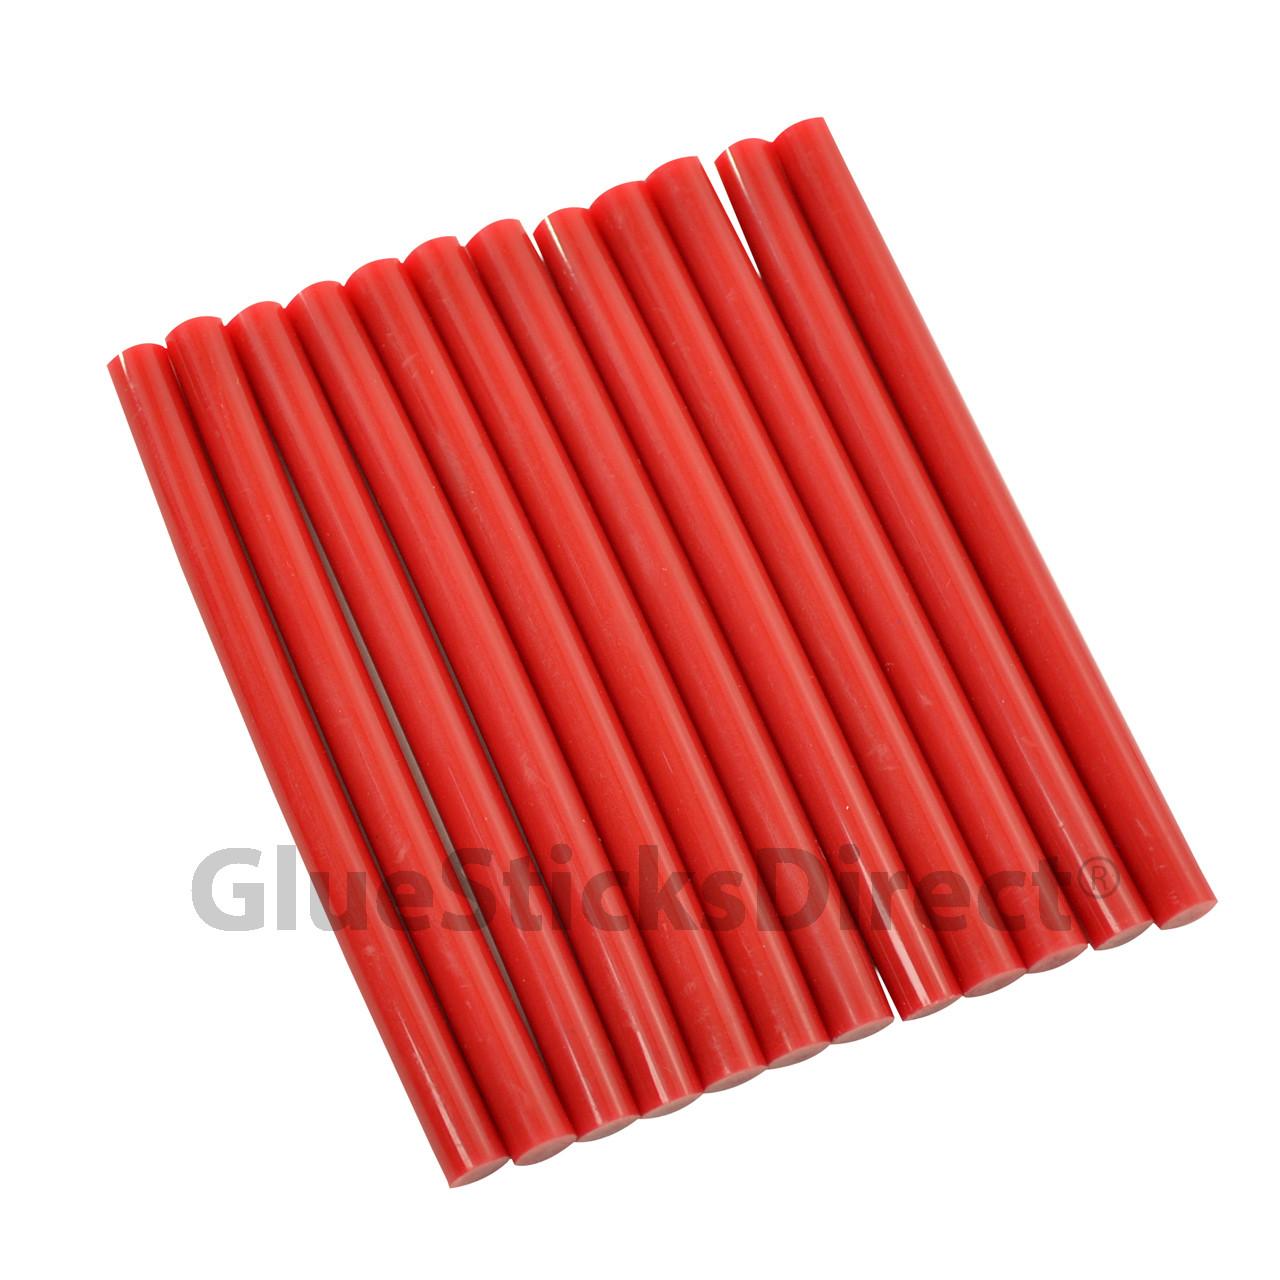 Red Colored Glue Sticks mini X 4